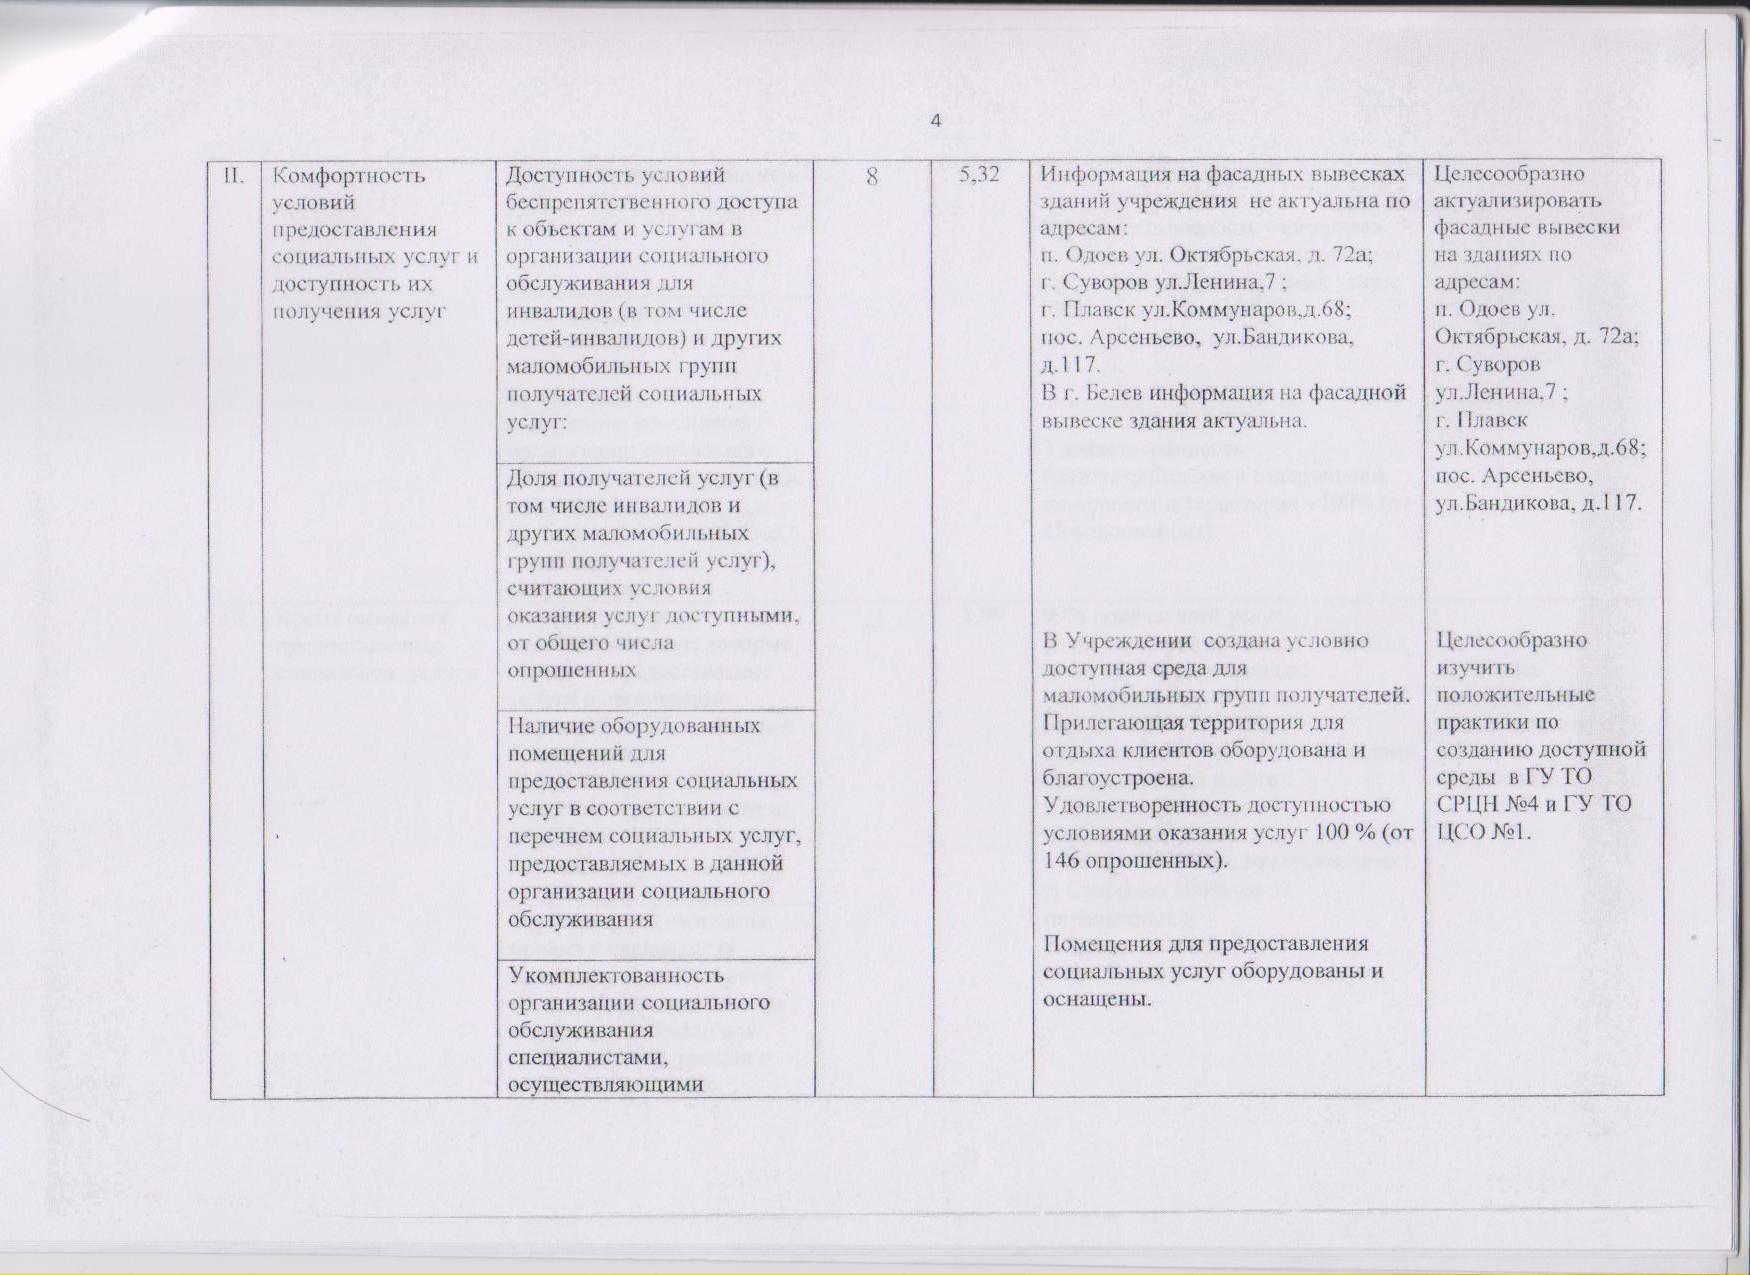 Федеральный закон. Контрактная система в сфере закупок товаров.